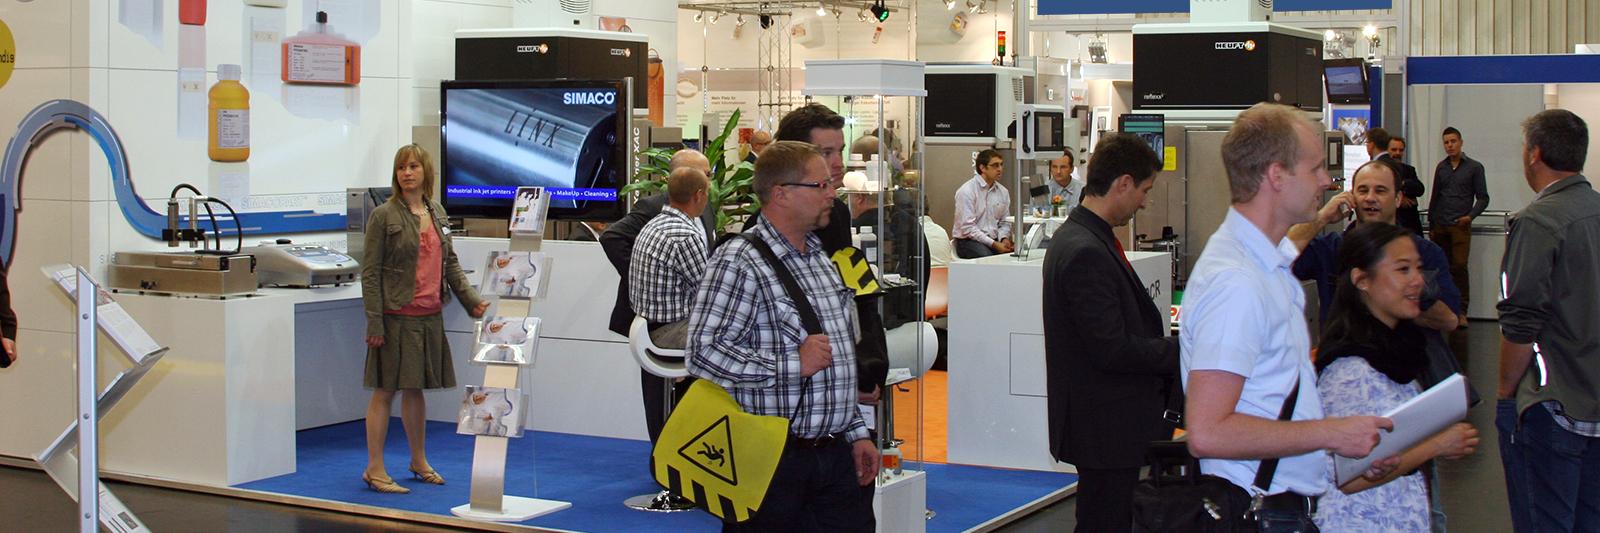 fachpack2012.jpg